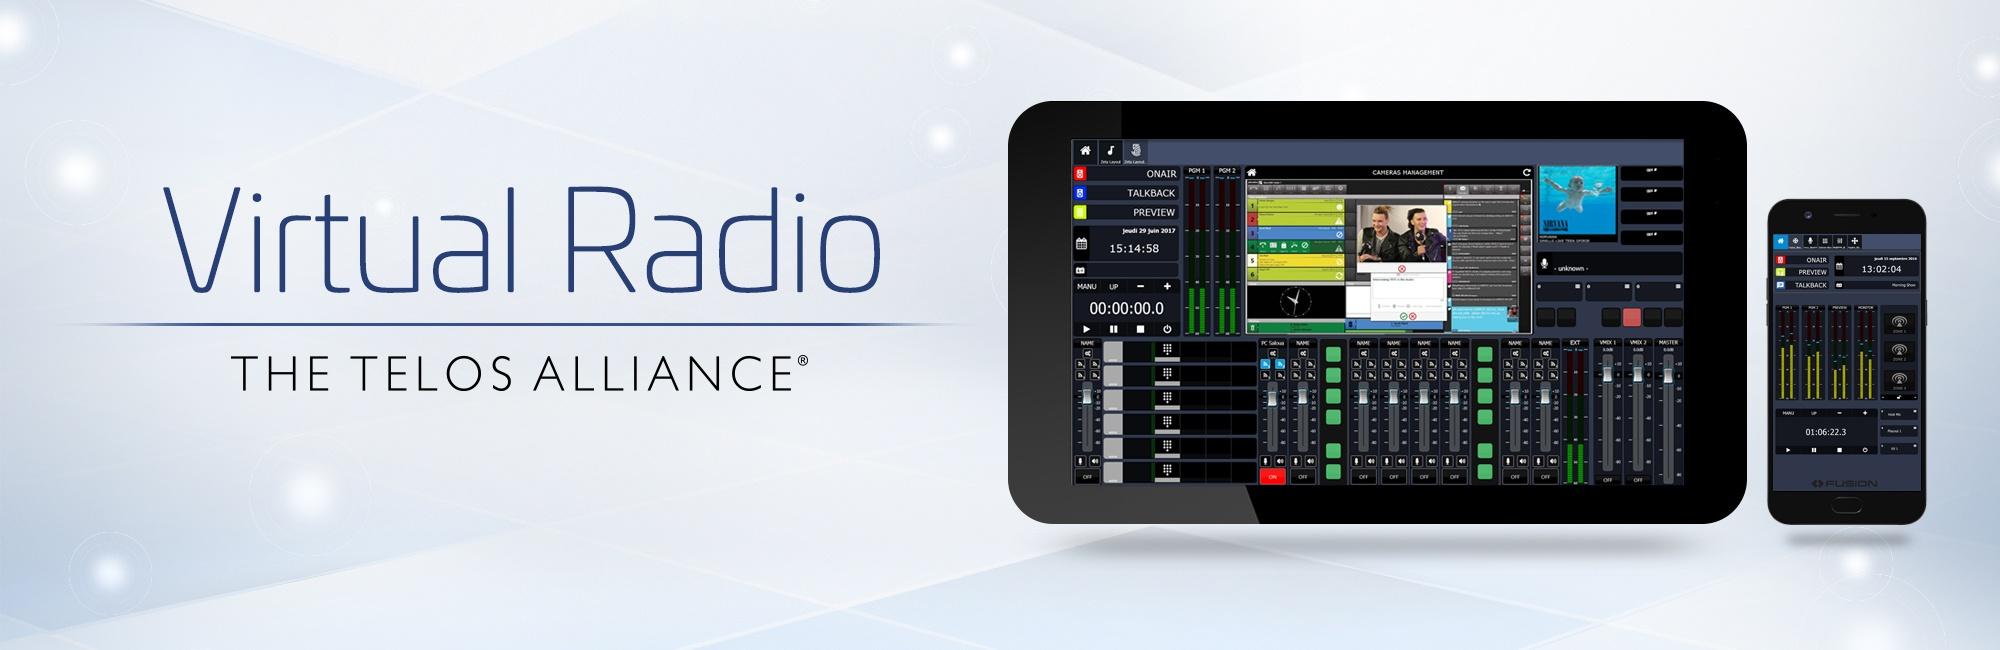 TA-Virtual Radio-Landing Page-v3.jpg